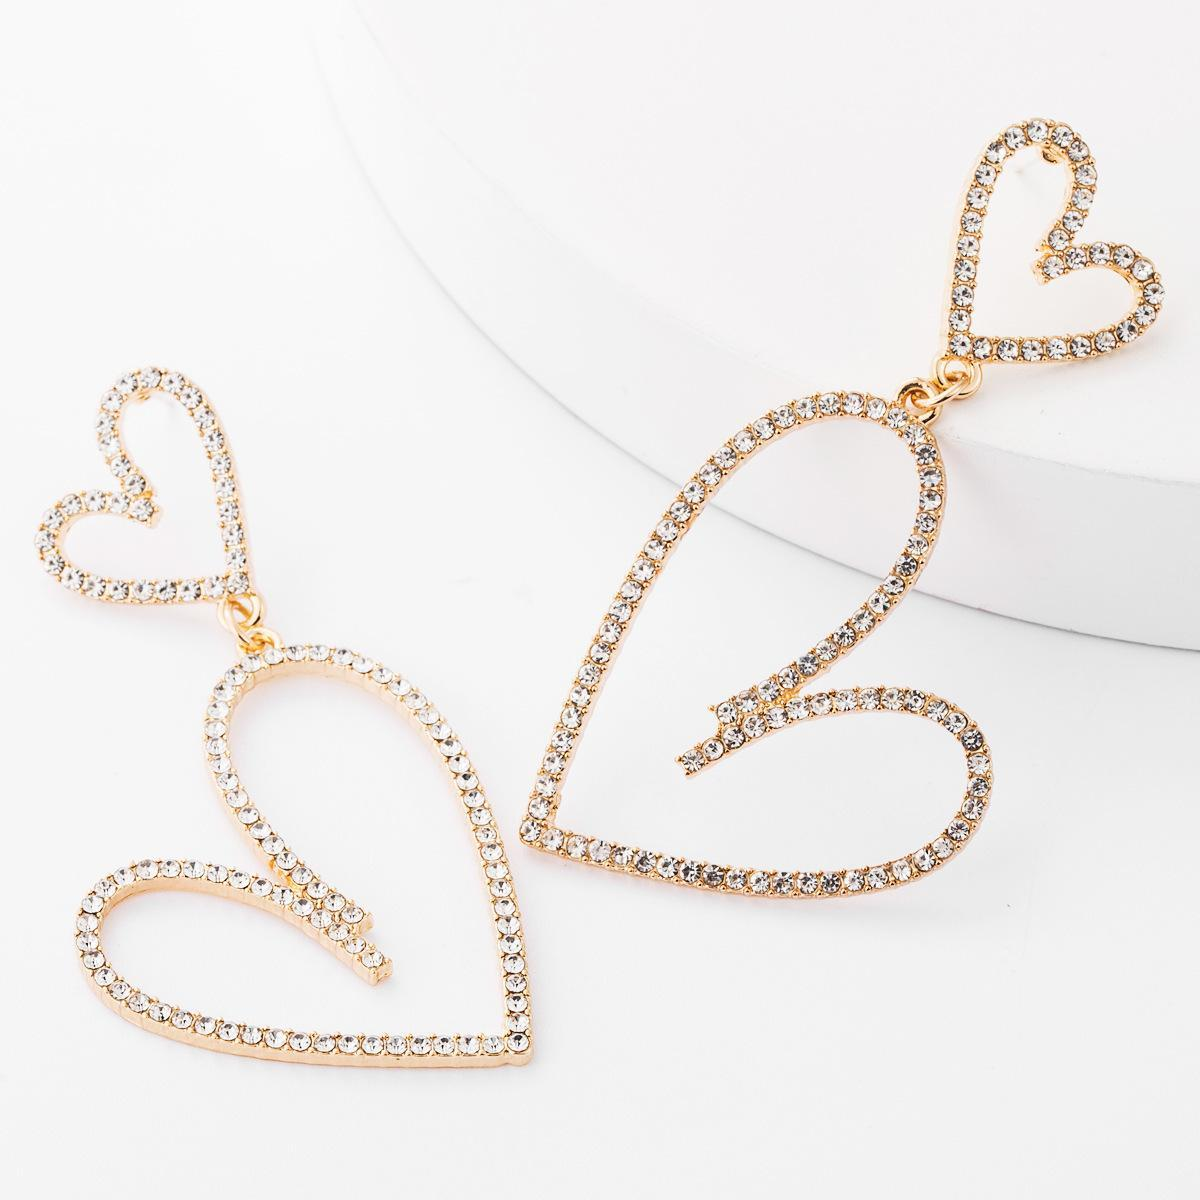 orecchini stile dimensione multi-layer scavato-fuori gli orecchini dolce e bella orecchini di strass a forma di diamante amore ragazze femminili